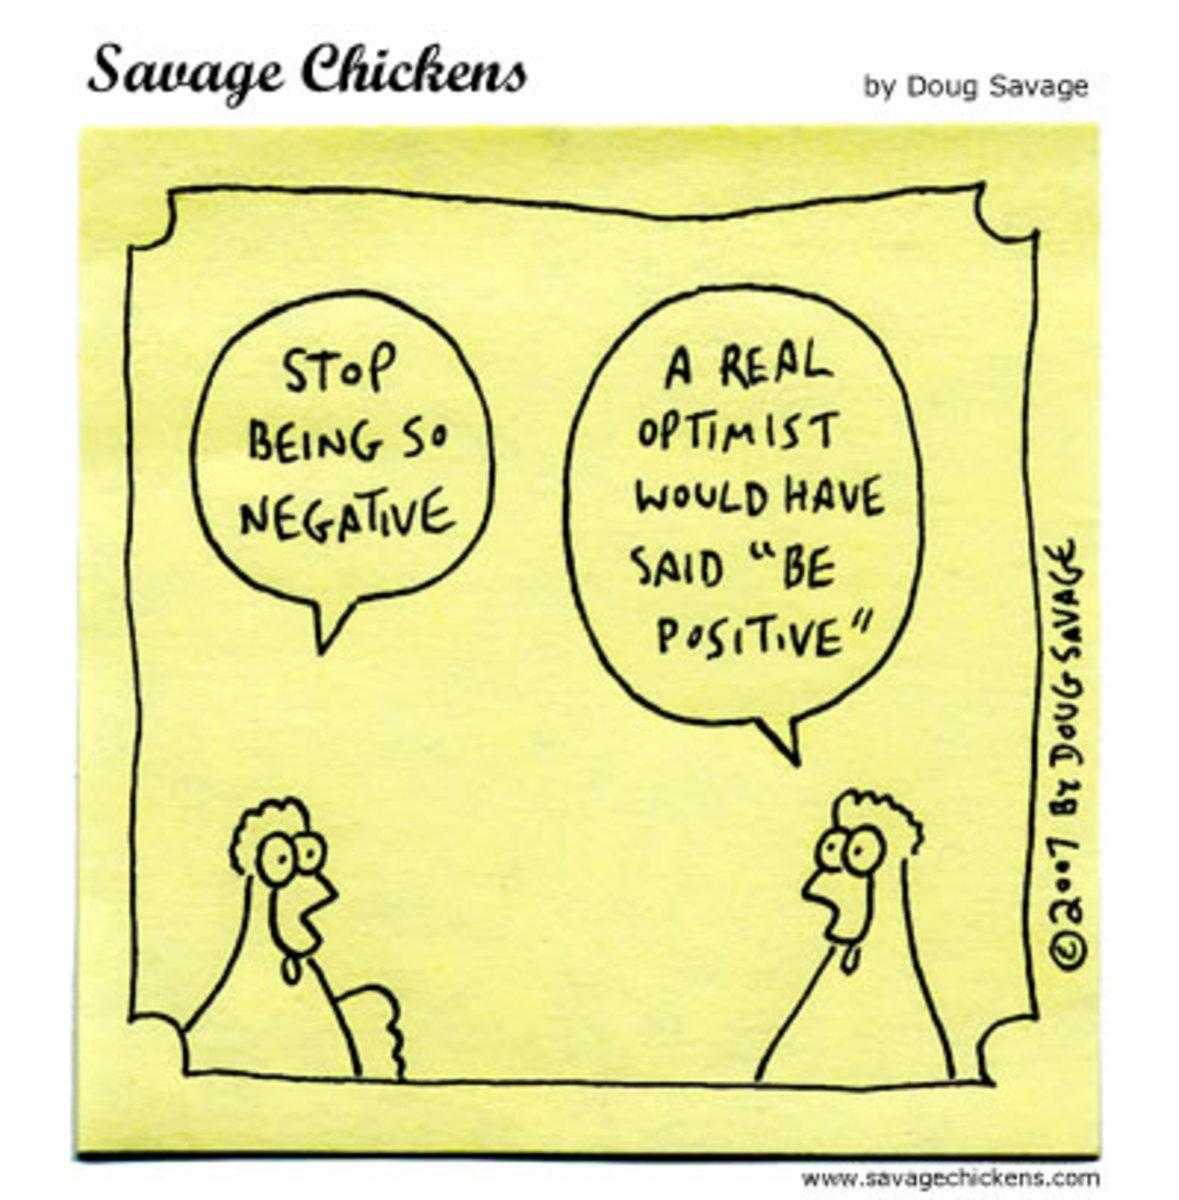 by Doug Savage (www.savagechickens.com)